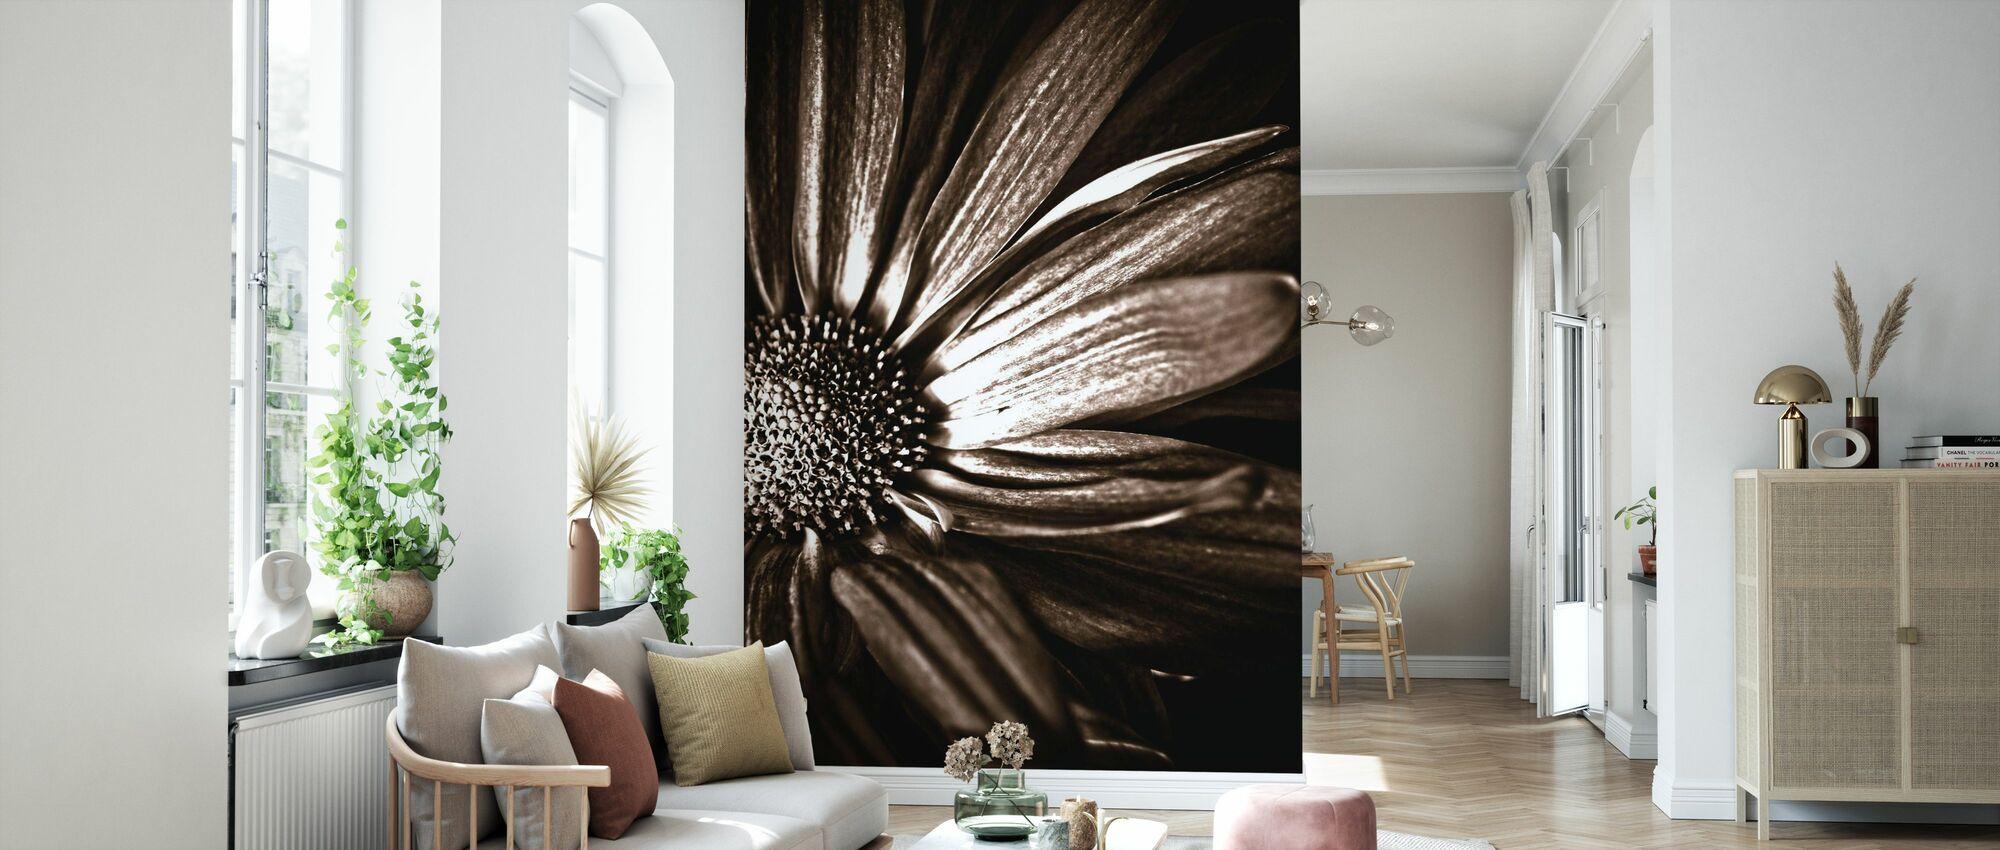 Dark Daisy - Sepia - Wallpaper - Living Room